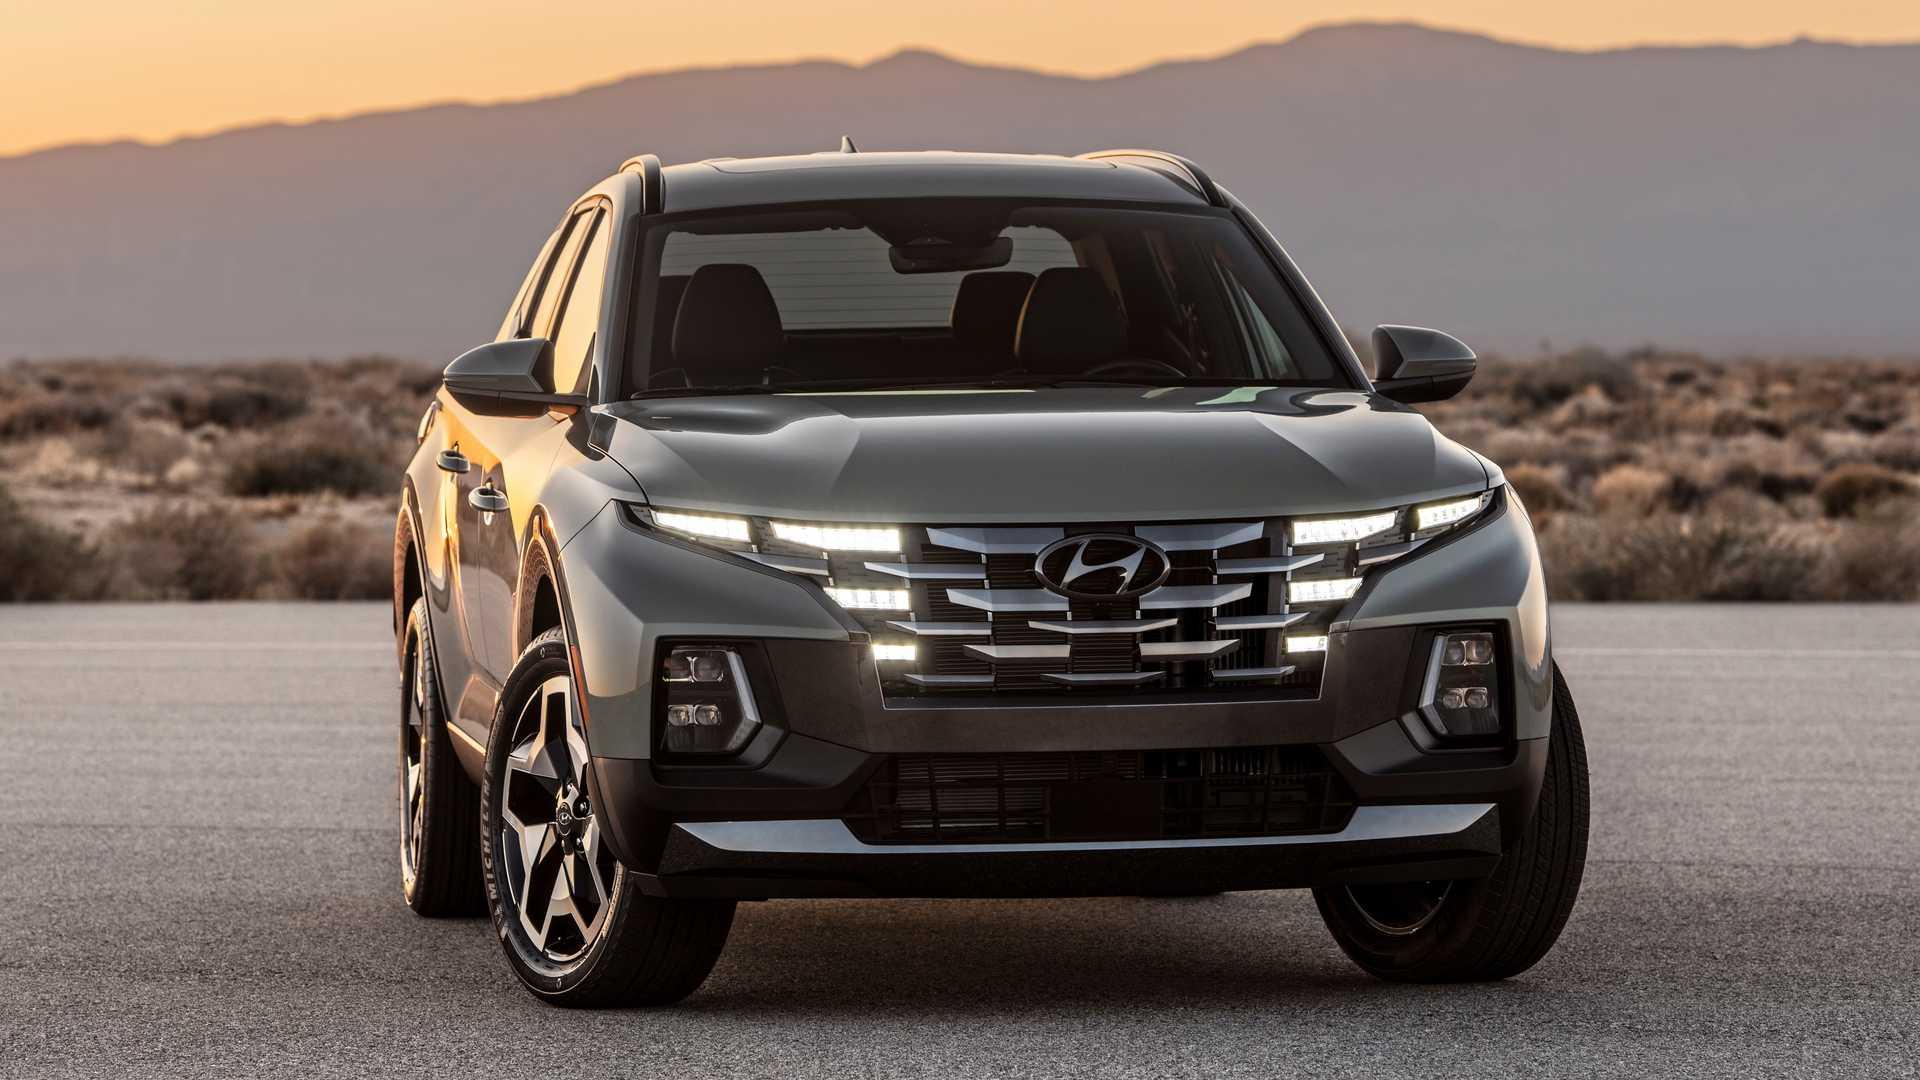 هیوندای سانتاکروز، خوش فروشترین خودروی ماه آگوست ۲۰۲۱